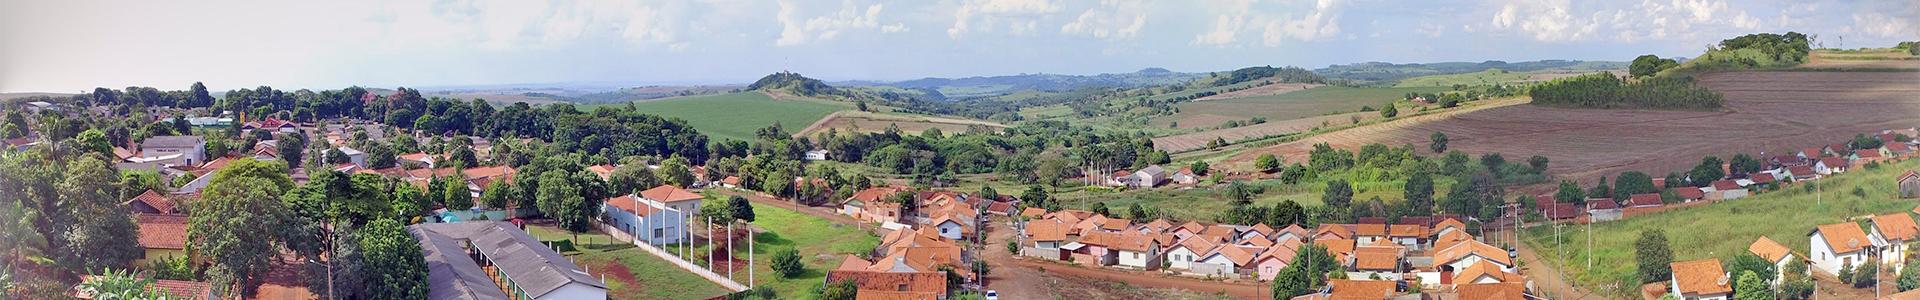 Panorama da Cidade - Conjunto Cafezal